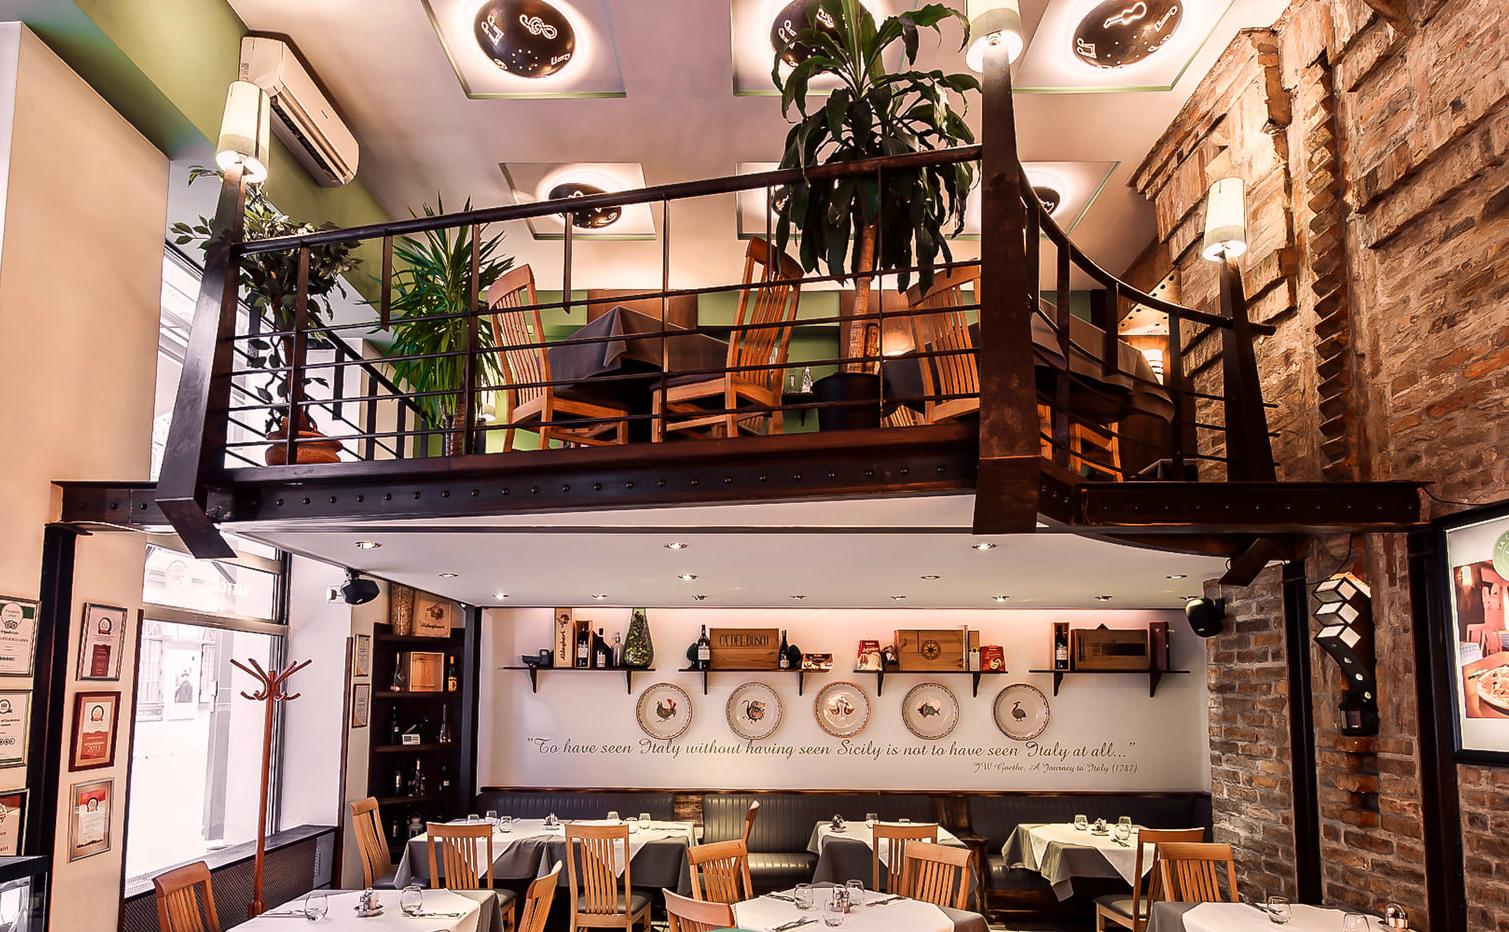 קופולה - מסעדה איטלקית בבודפשט